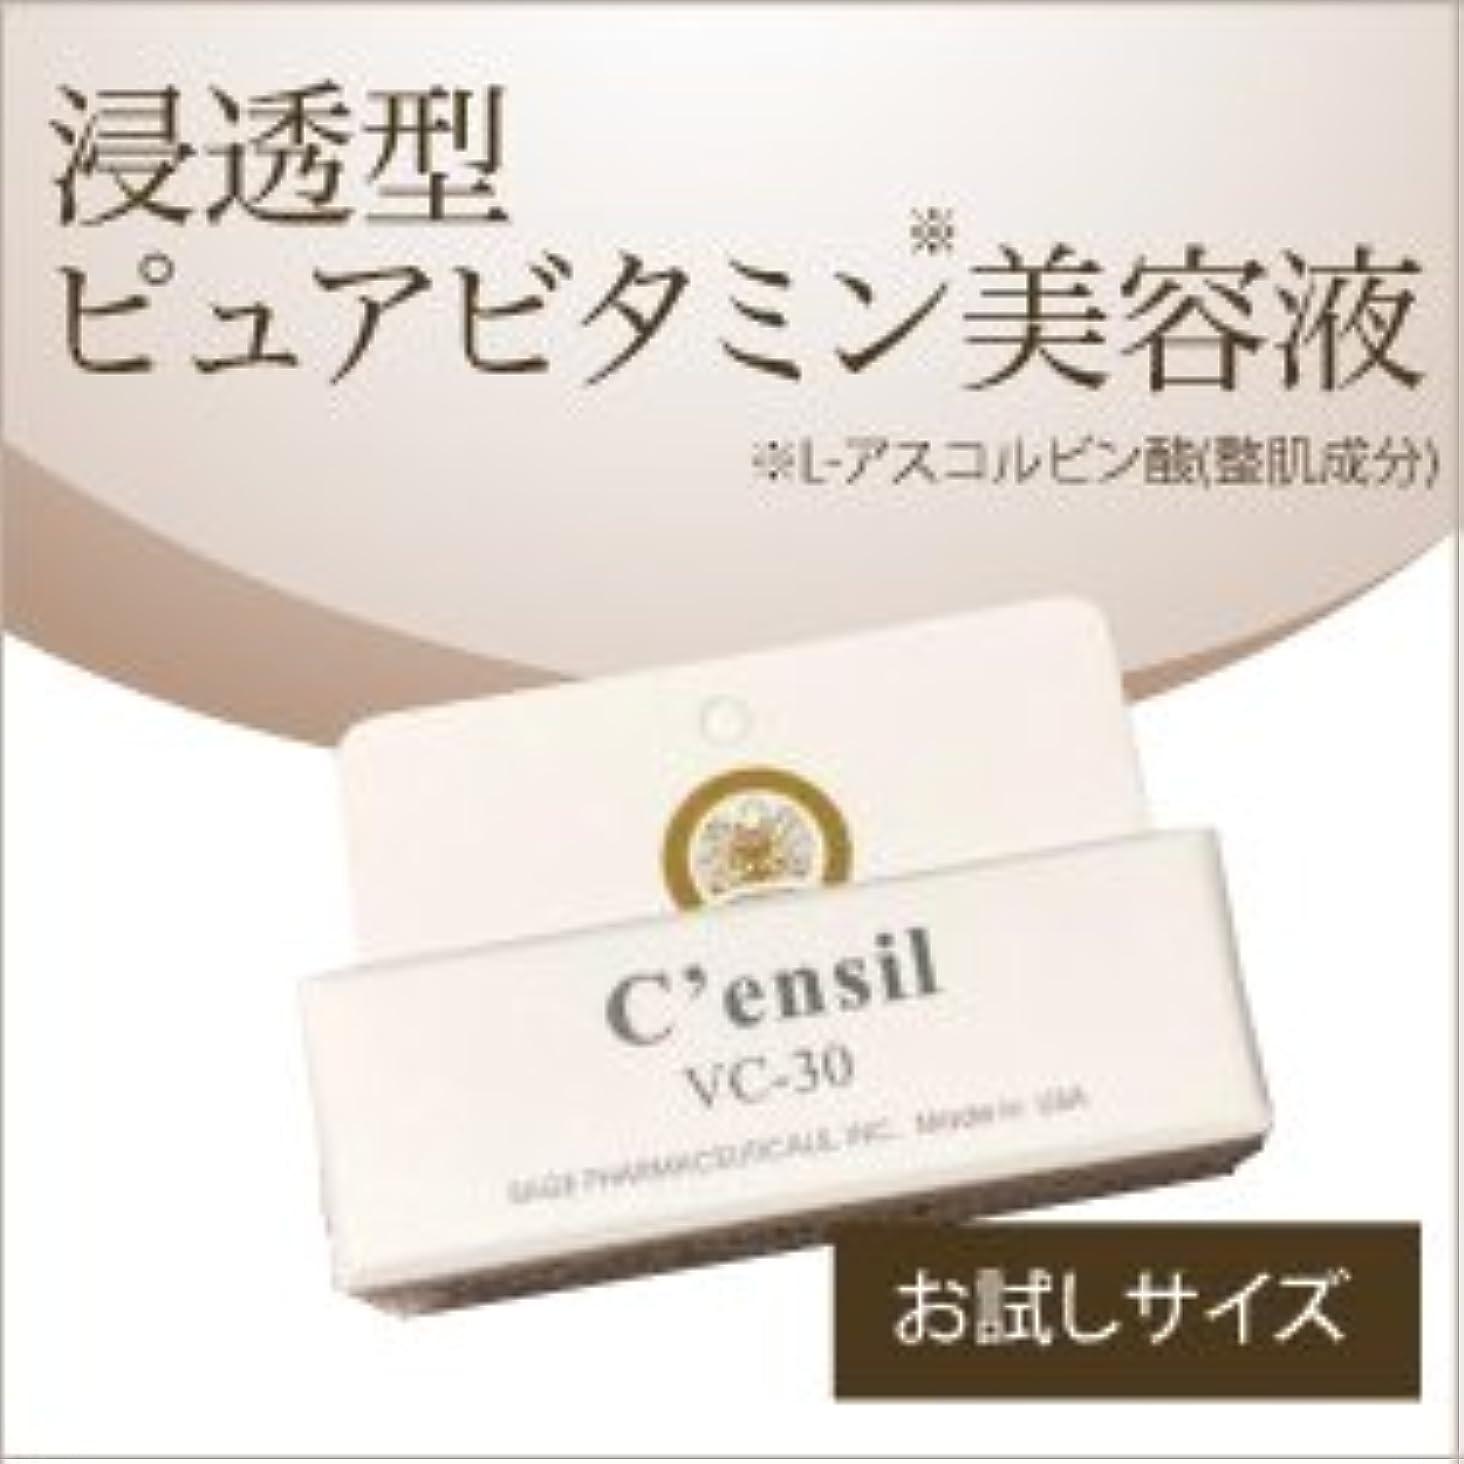 賄賂悪党お肉センシル C'ensil VC-30 ミニ 2ml 美容液